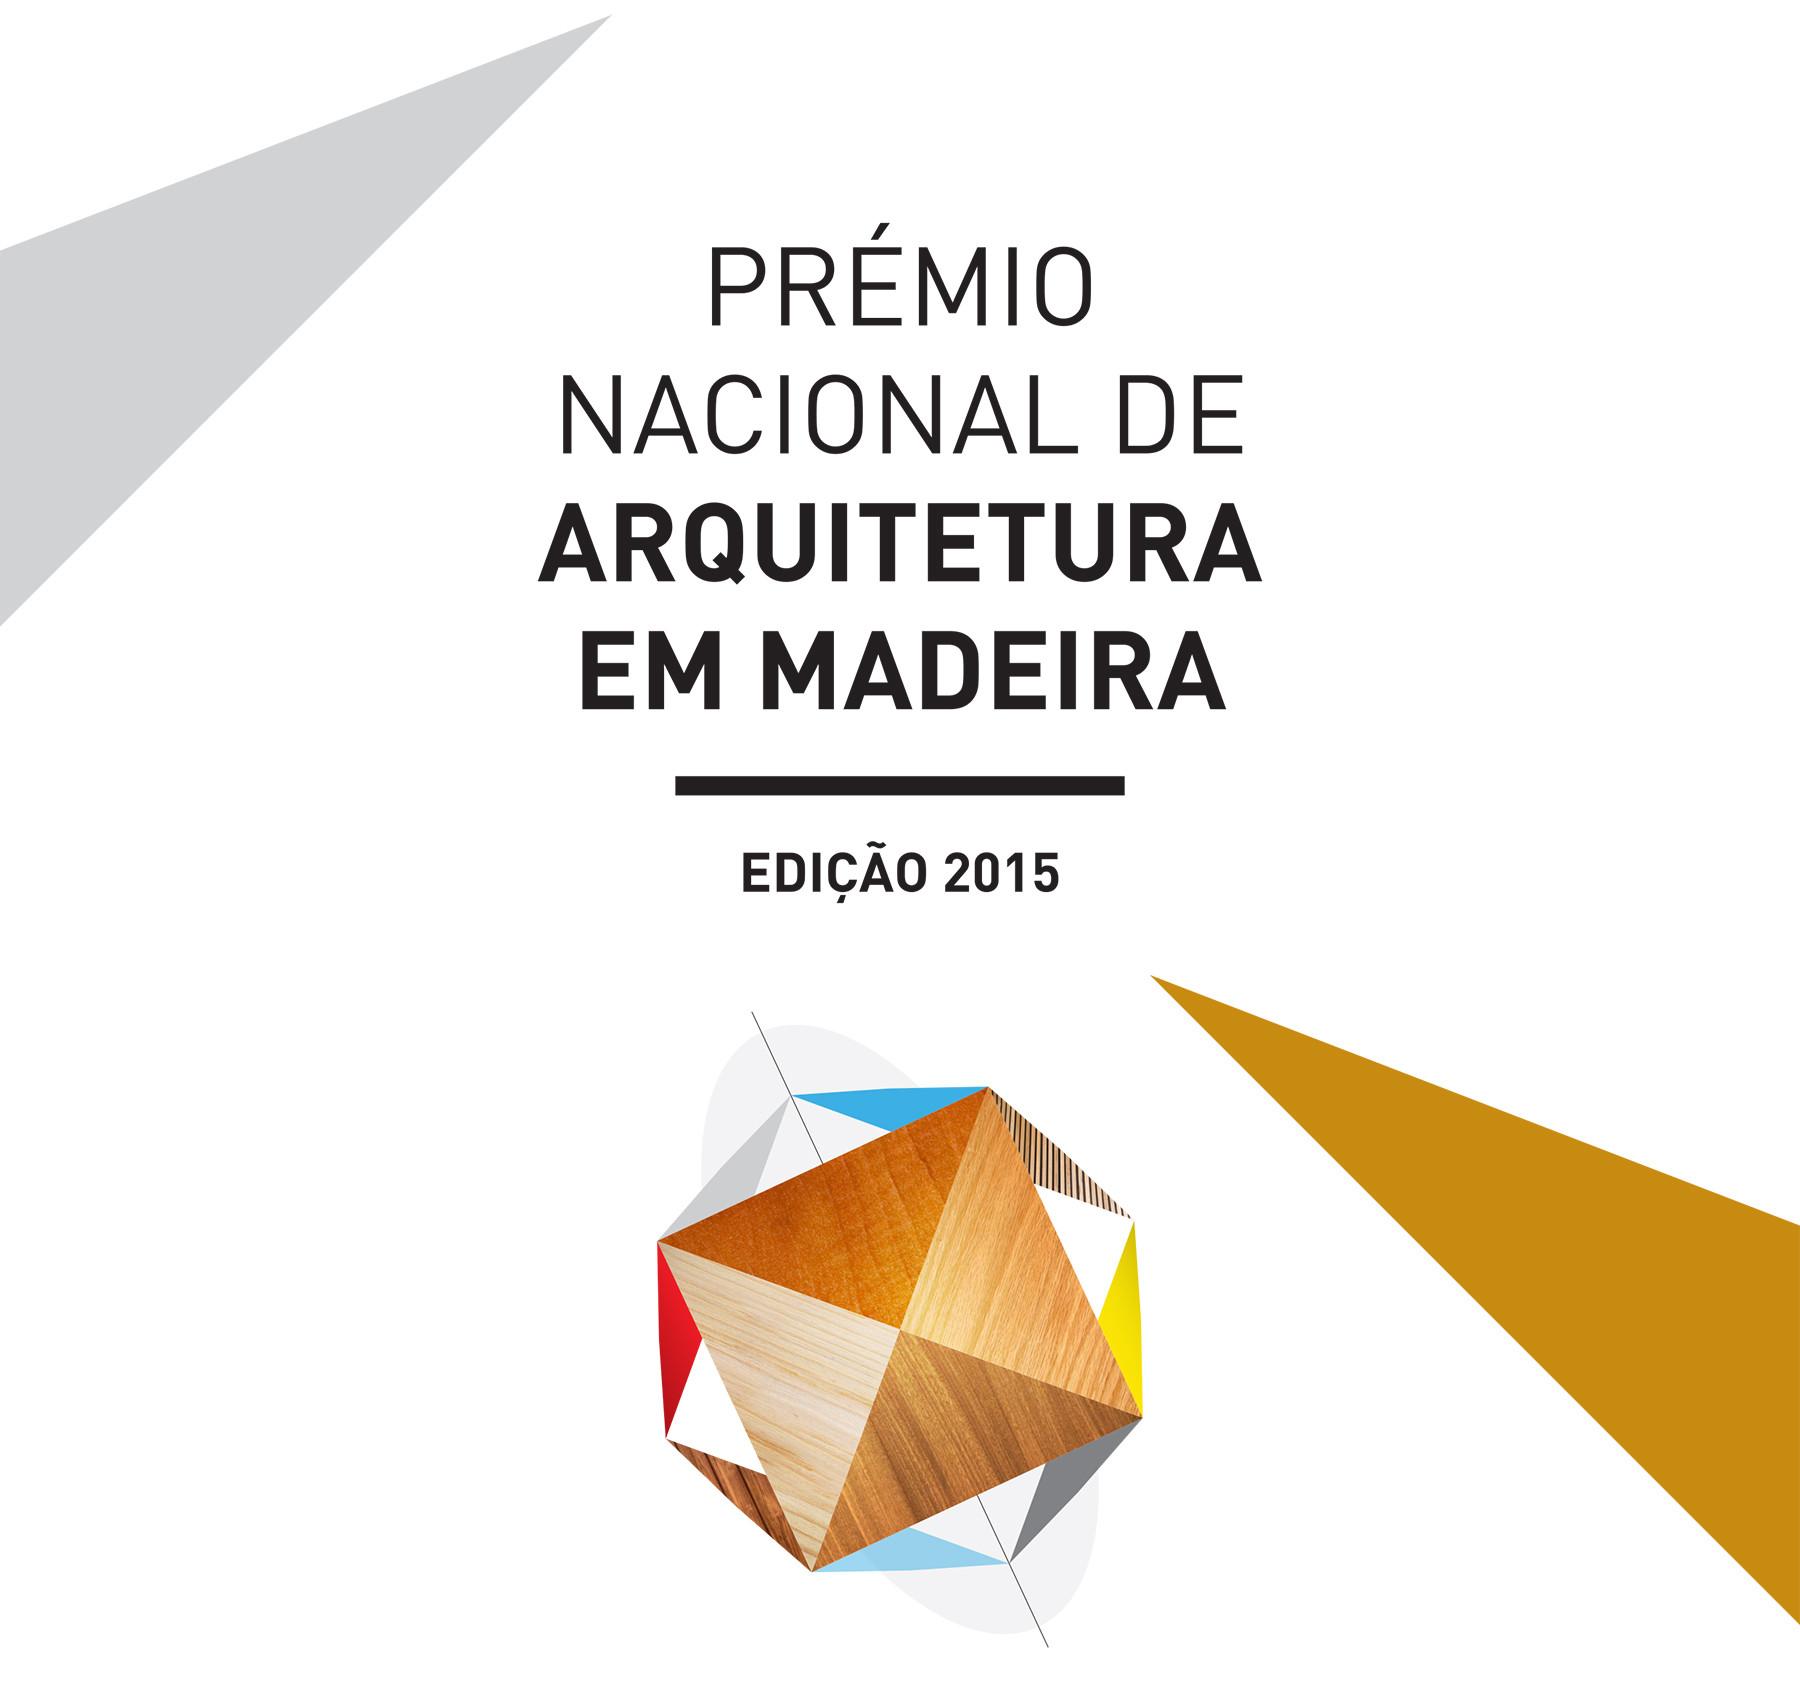 Última semana para se inscrever no 3° Prêmio Nacional de Arquitetura em Madeira , Cortesia de Ordem dos Arquitectos de Portugal